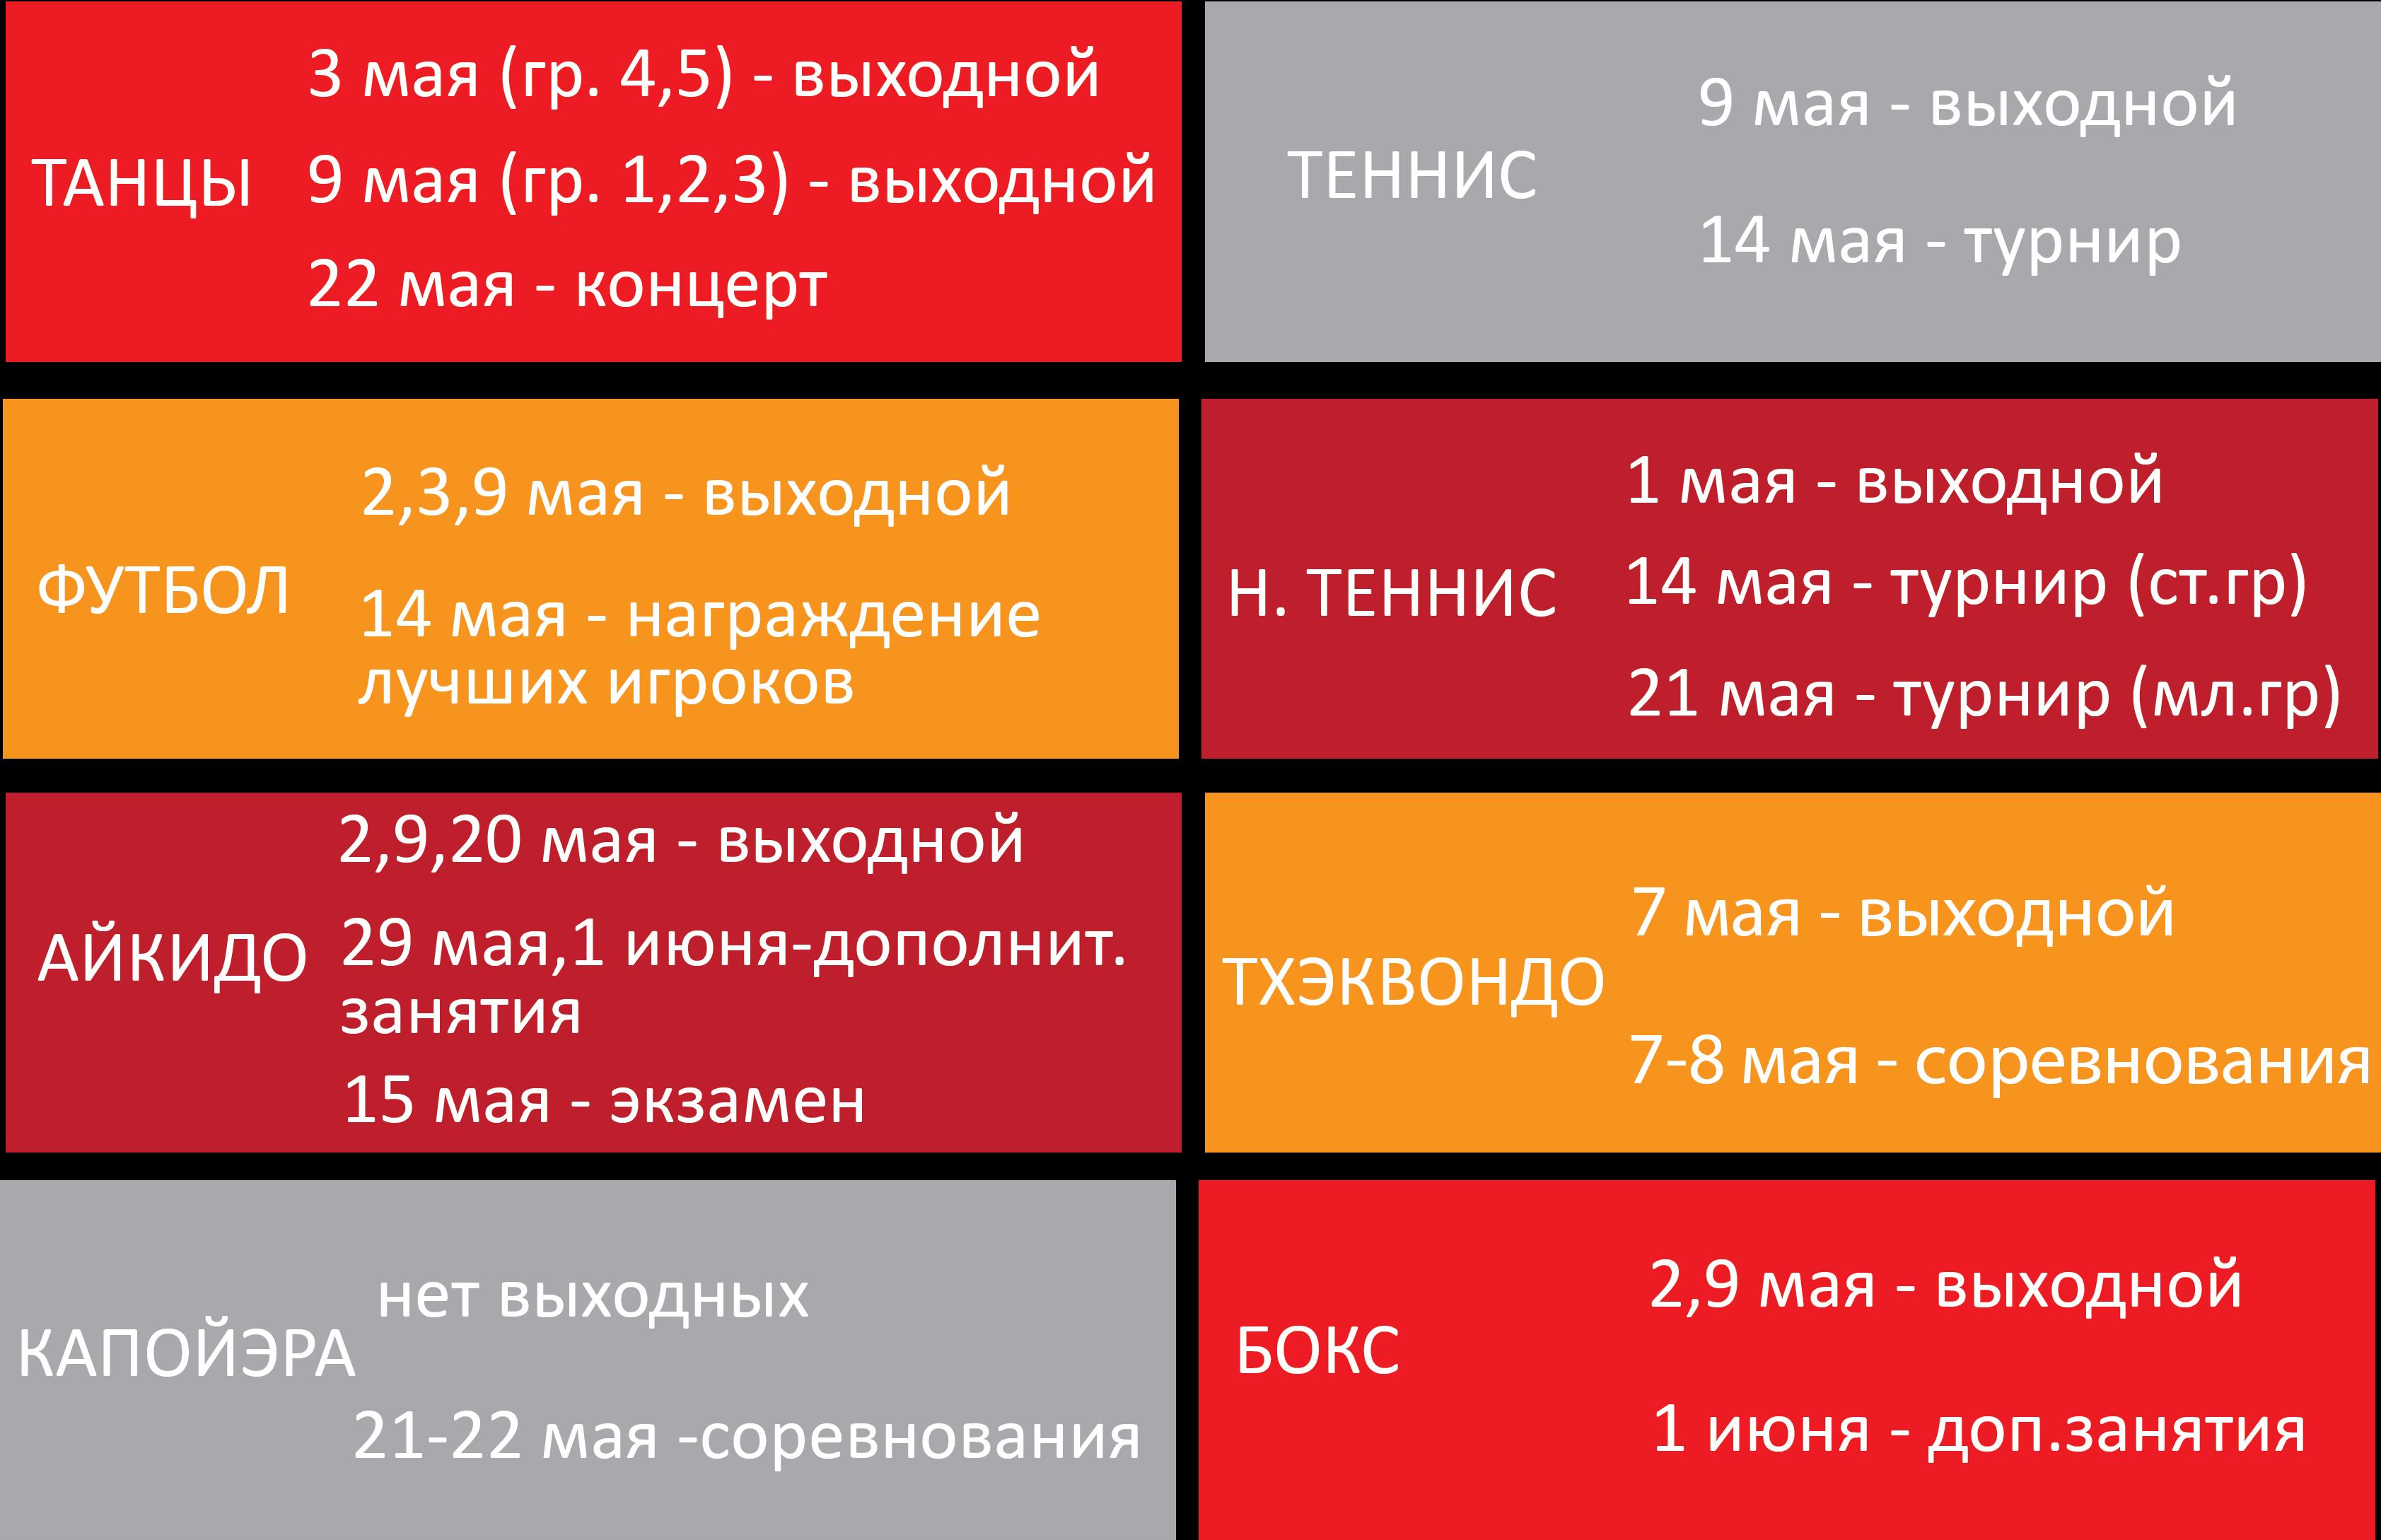 SSPORT.RU